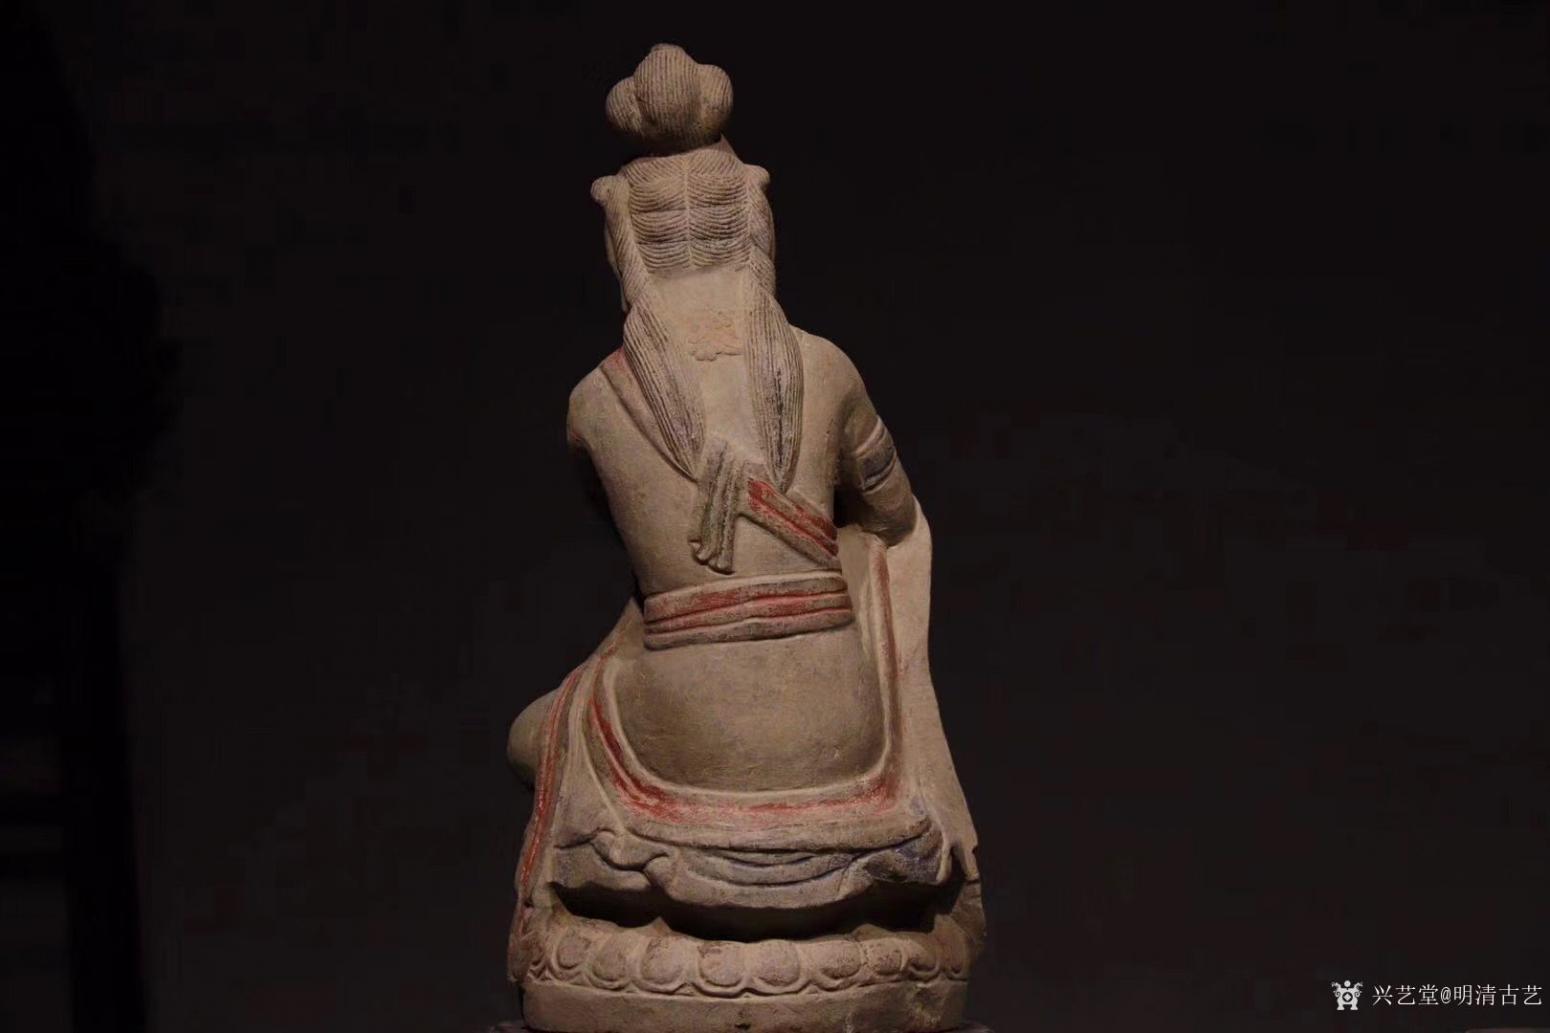 明清古艺雕刻作品《收藏品:观音石像》【图1】